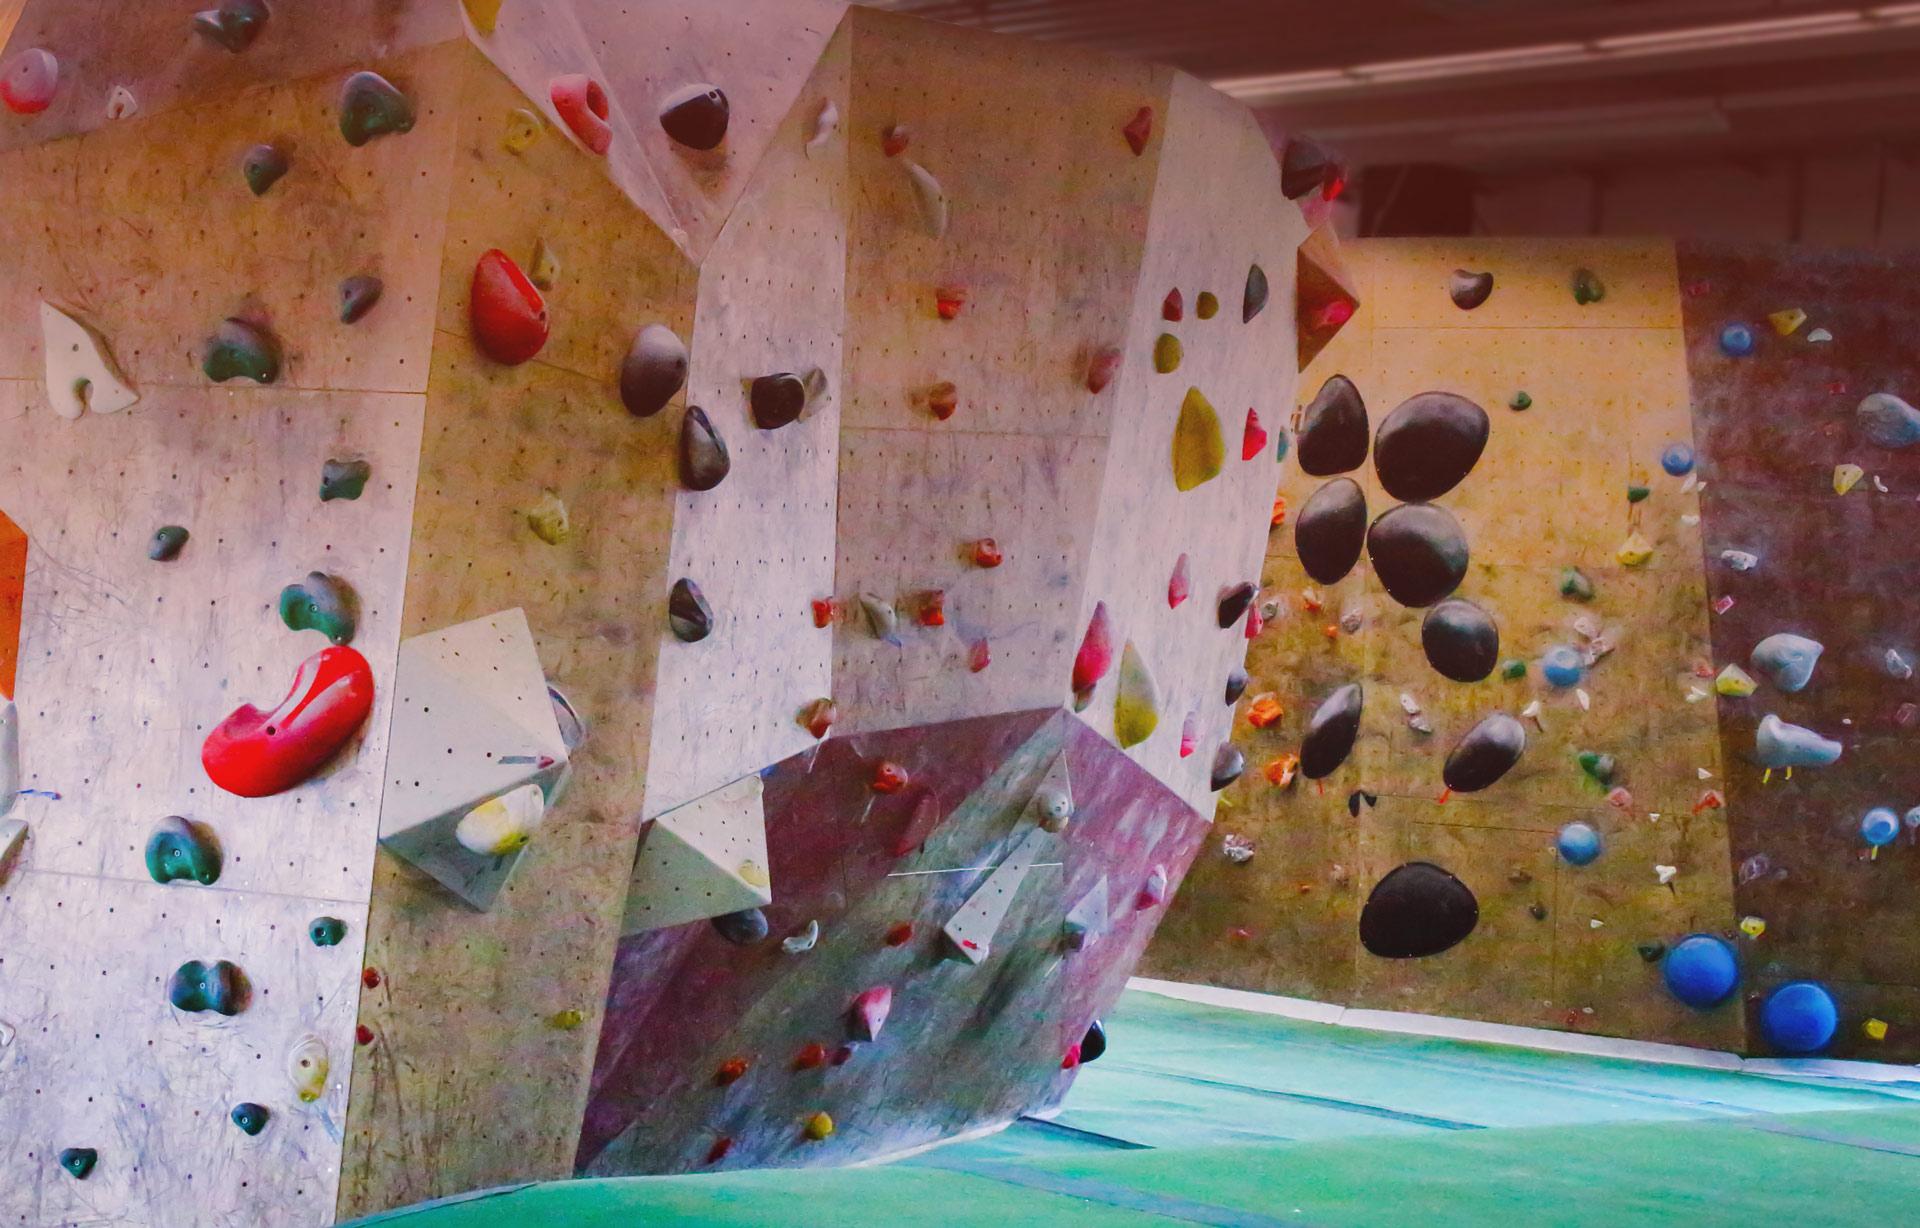 boulder kletterhalle